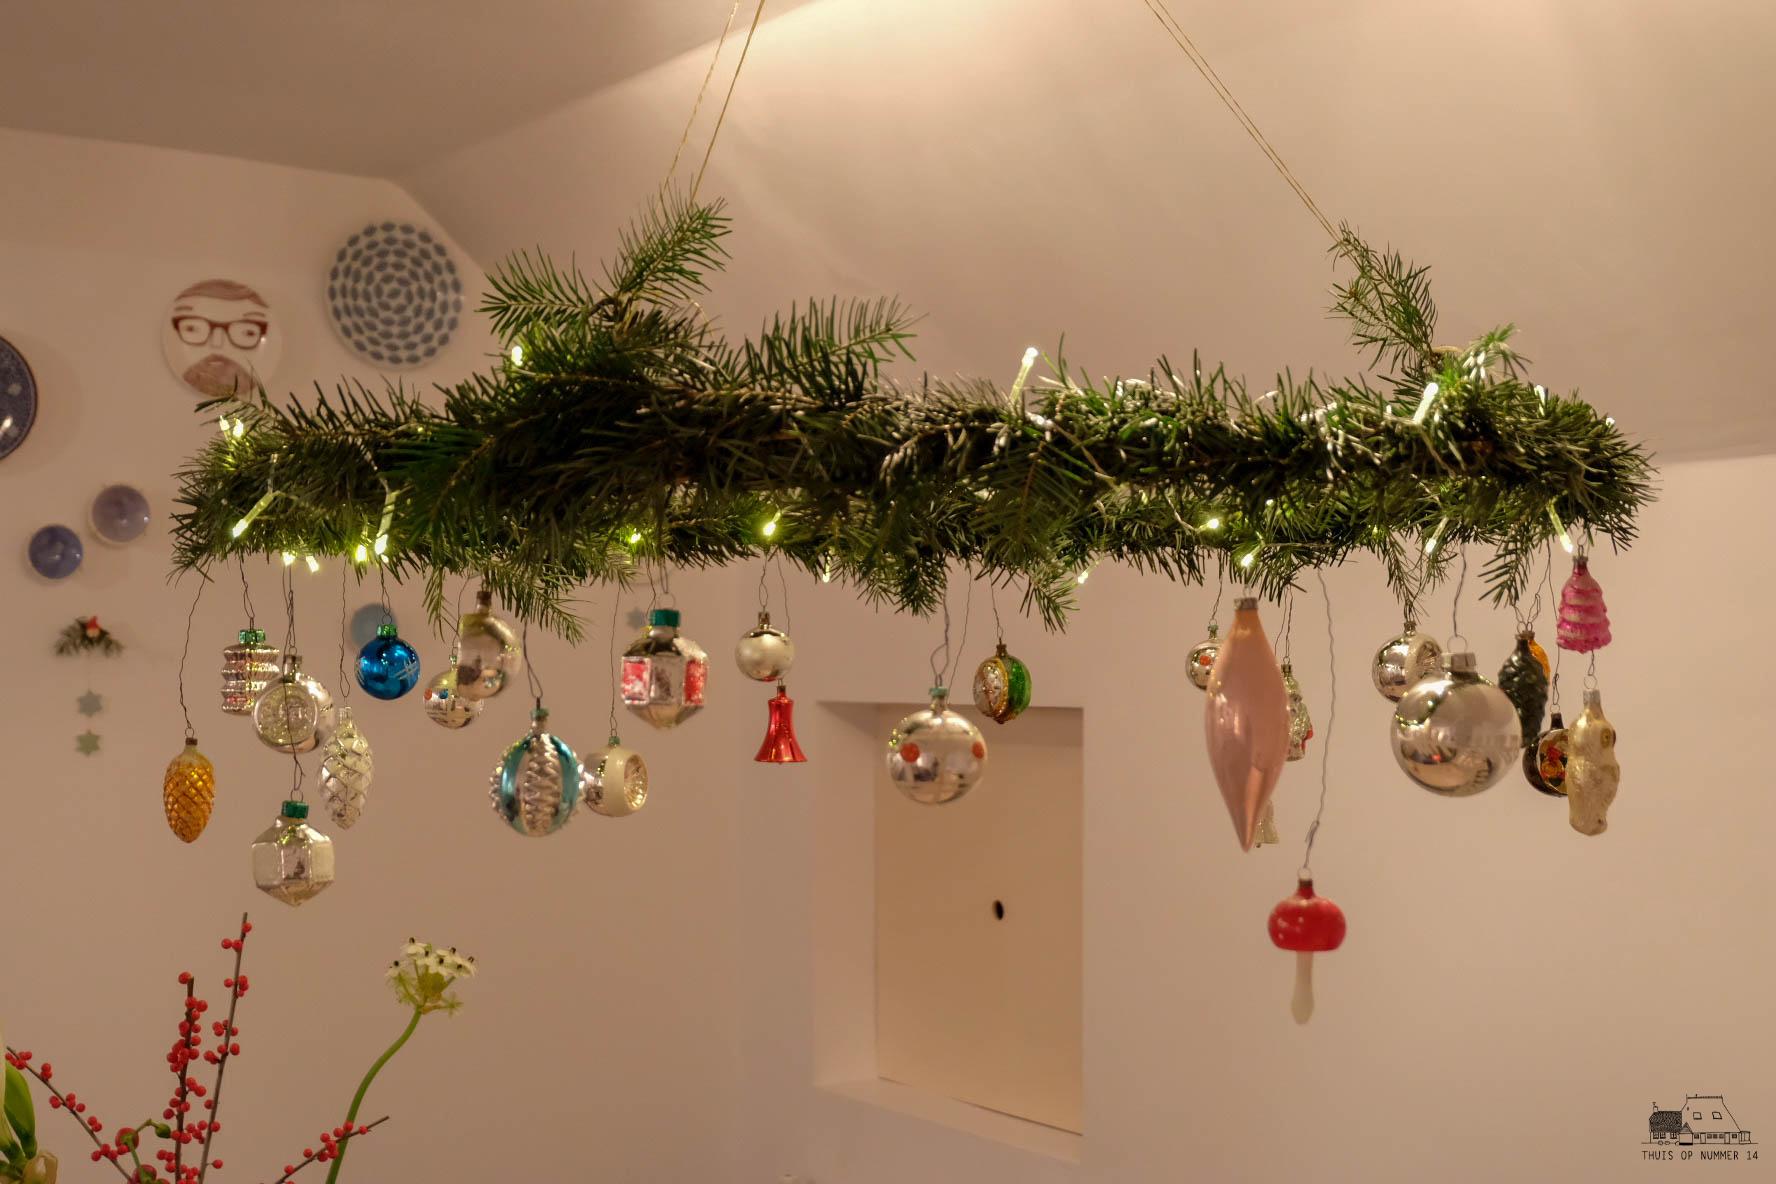 thuis op nummer 14 - kerstkrans